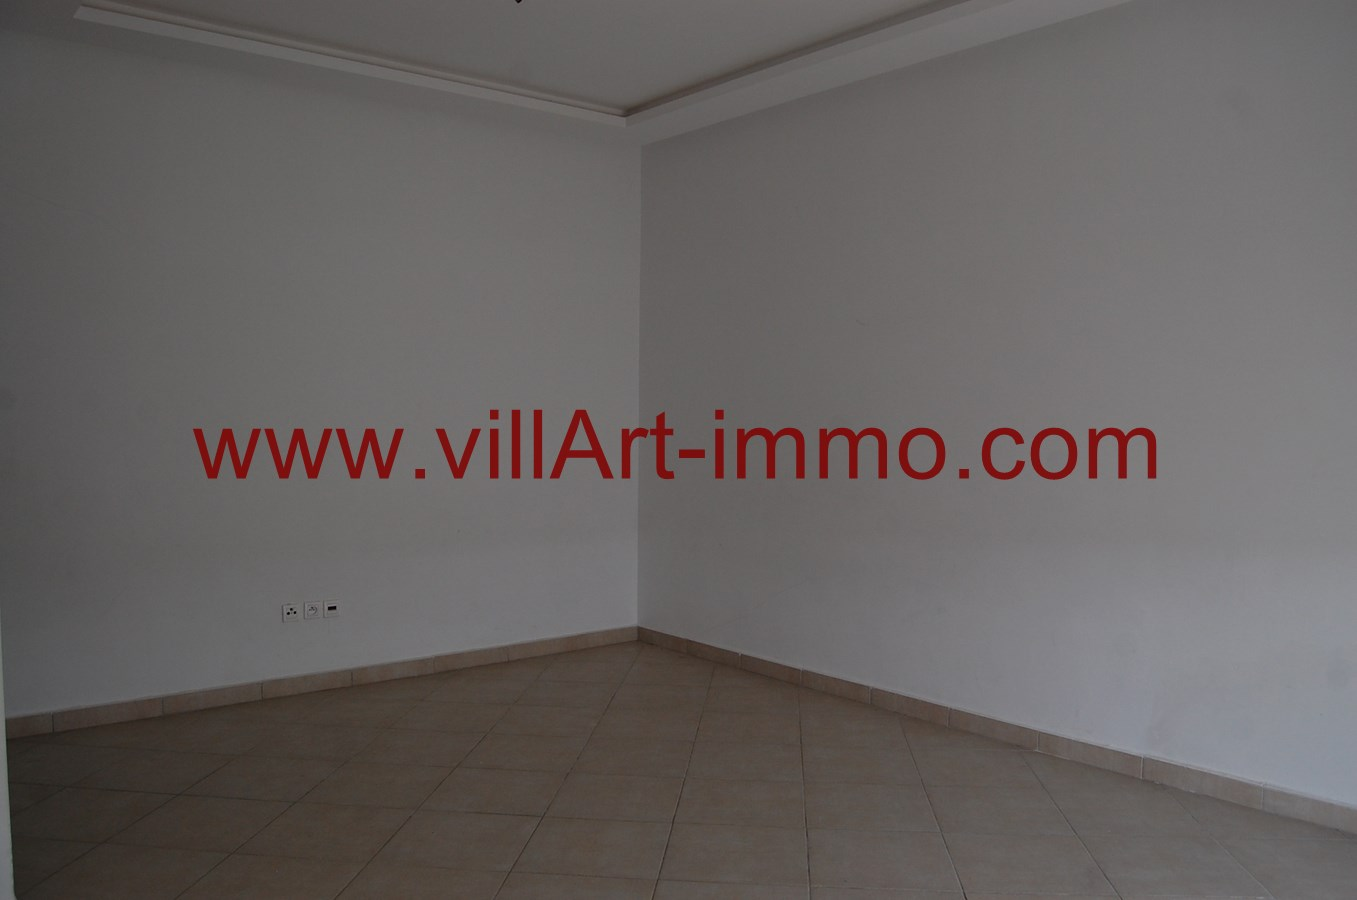 2-a-louer-appartement-non-meuble-tanger-chambre-1-l889-villart-immo